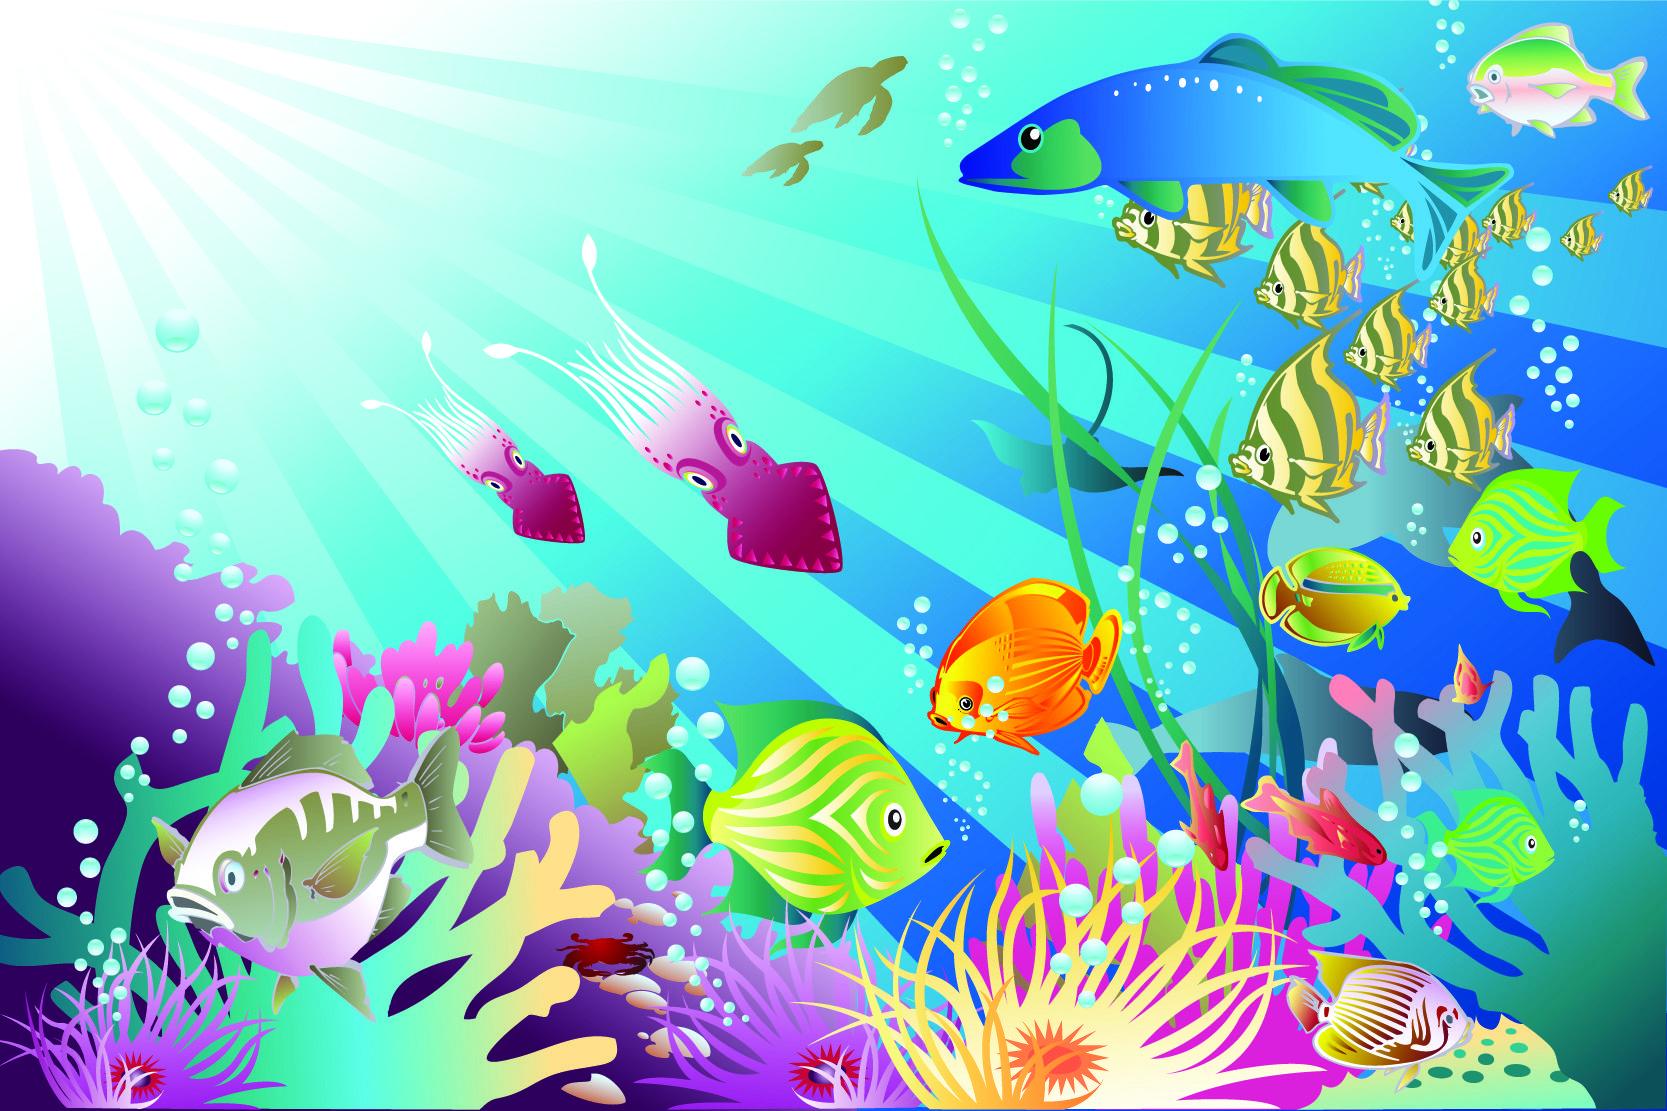 Ocean Clip Art Free Pack Of Underwater Vectors Free Download Yoursourceisopen Com Underwater World Clip Art Free Clip Art